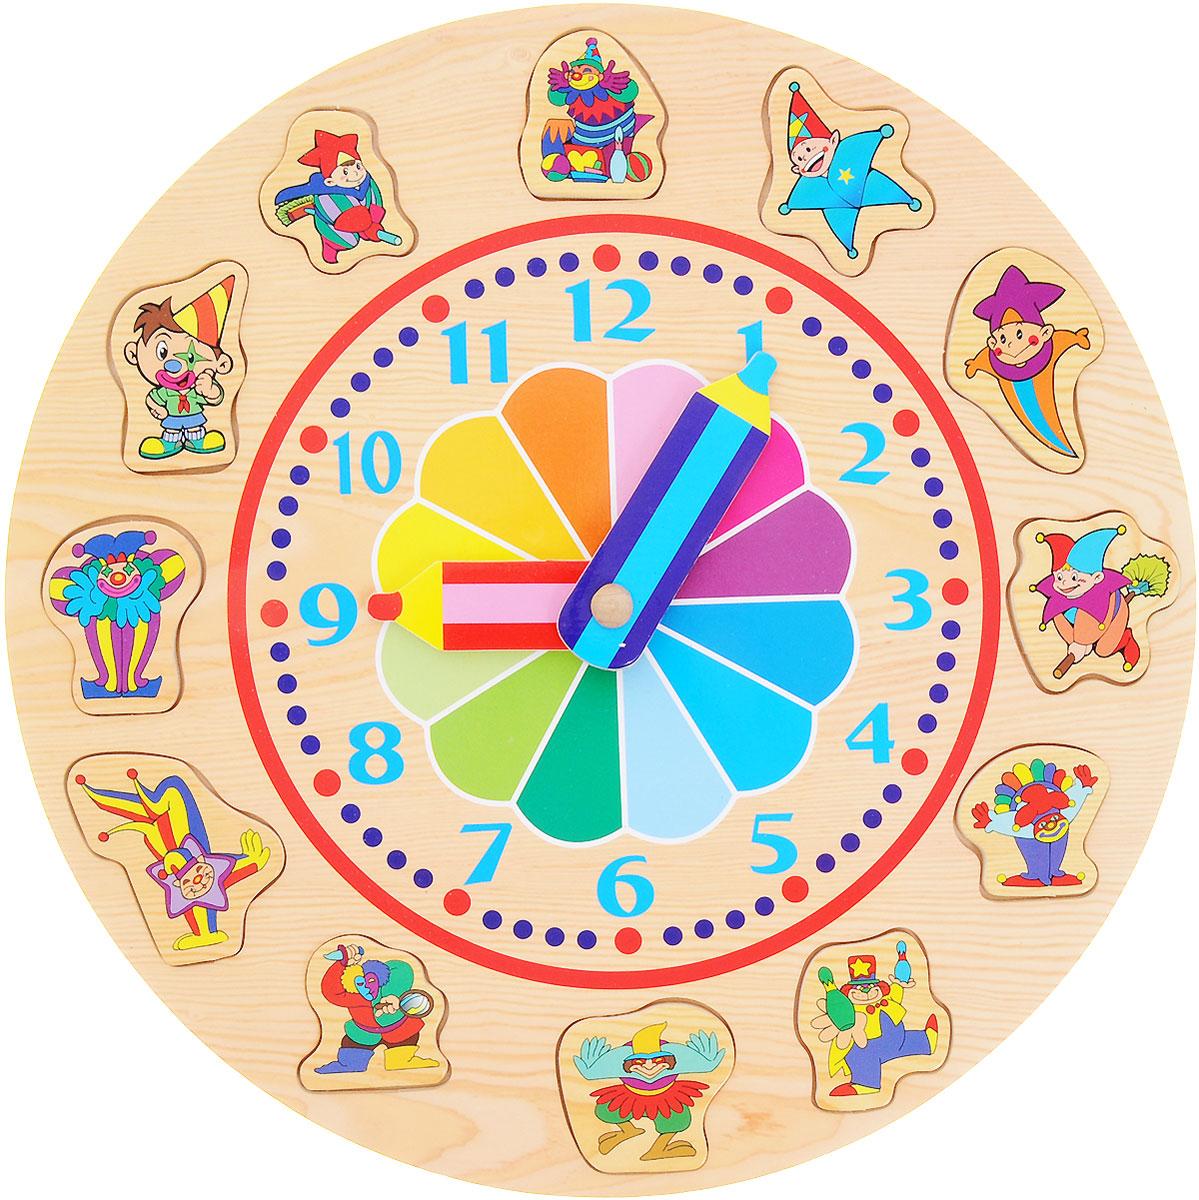 VGA Wooden Toys Пазл-часы РадугаD94Пазл-часы VGA Wooden Toys Радуга выполнен из экологически чистого материала - дерева. В процессе игры ребенок может поставить все фигурки клоунов на свои места, ориентируясь по силуэту. В центре часов расположен циферблат со стрелками-карандашами и радугой. Не содержит формальдегид.